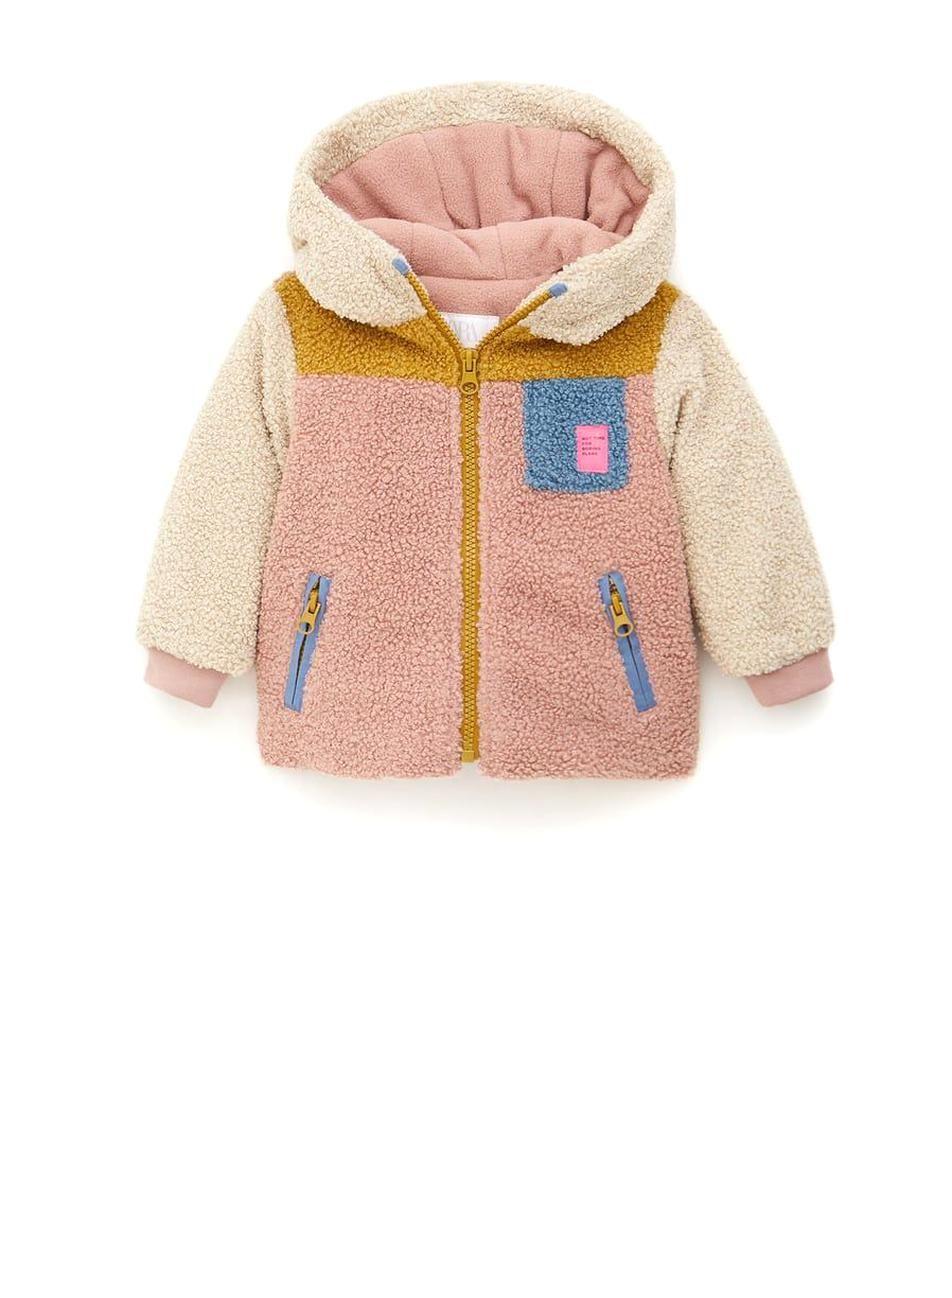 Essentials Boys Polar Fleece Color-Blocked Vests